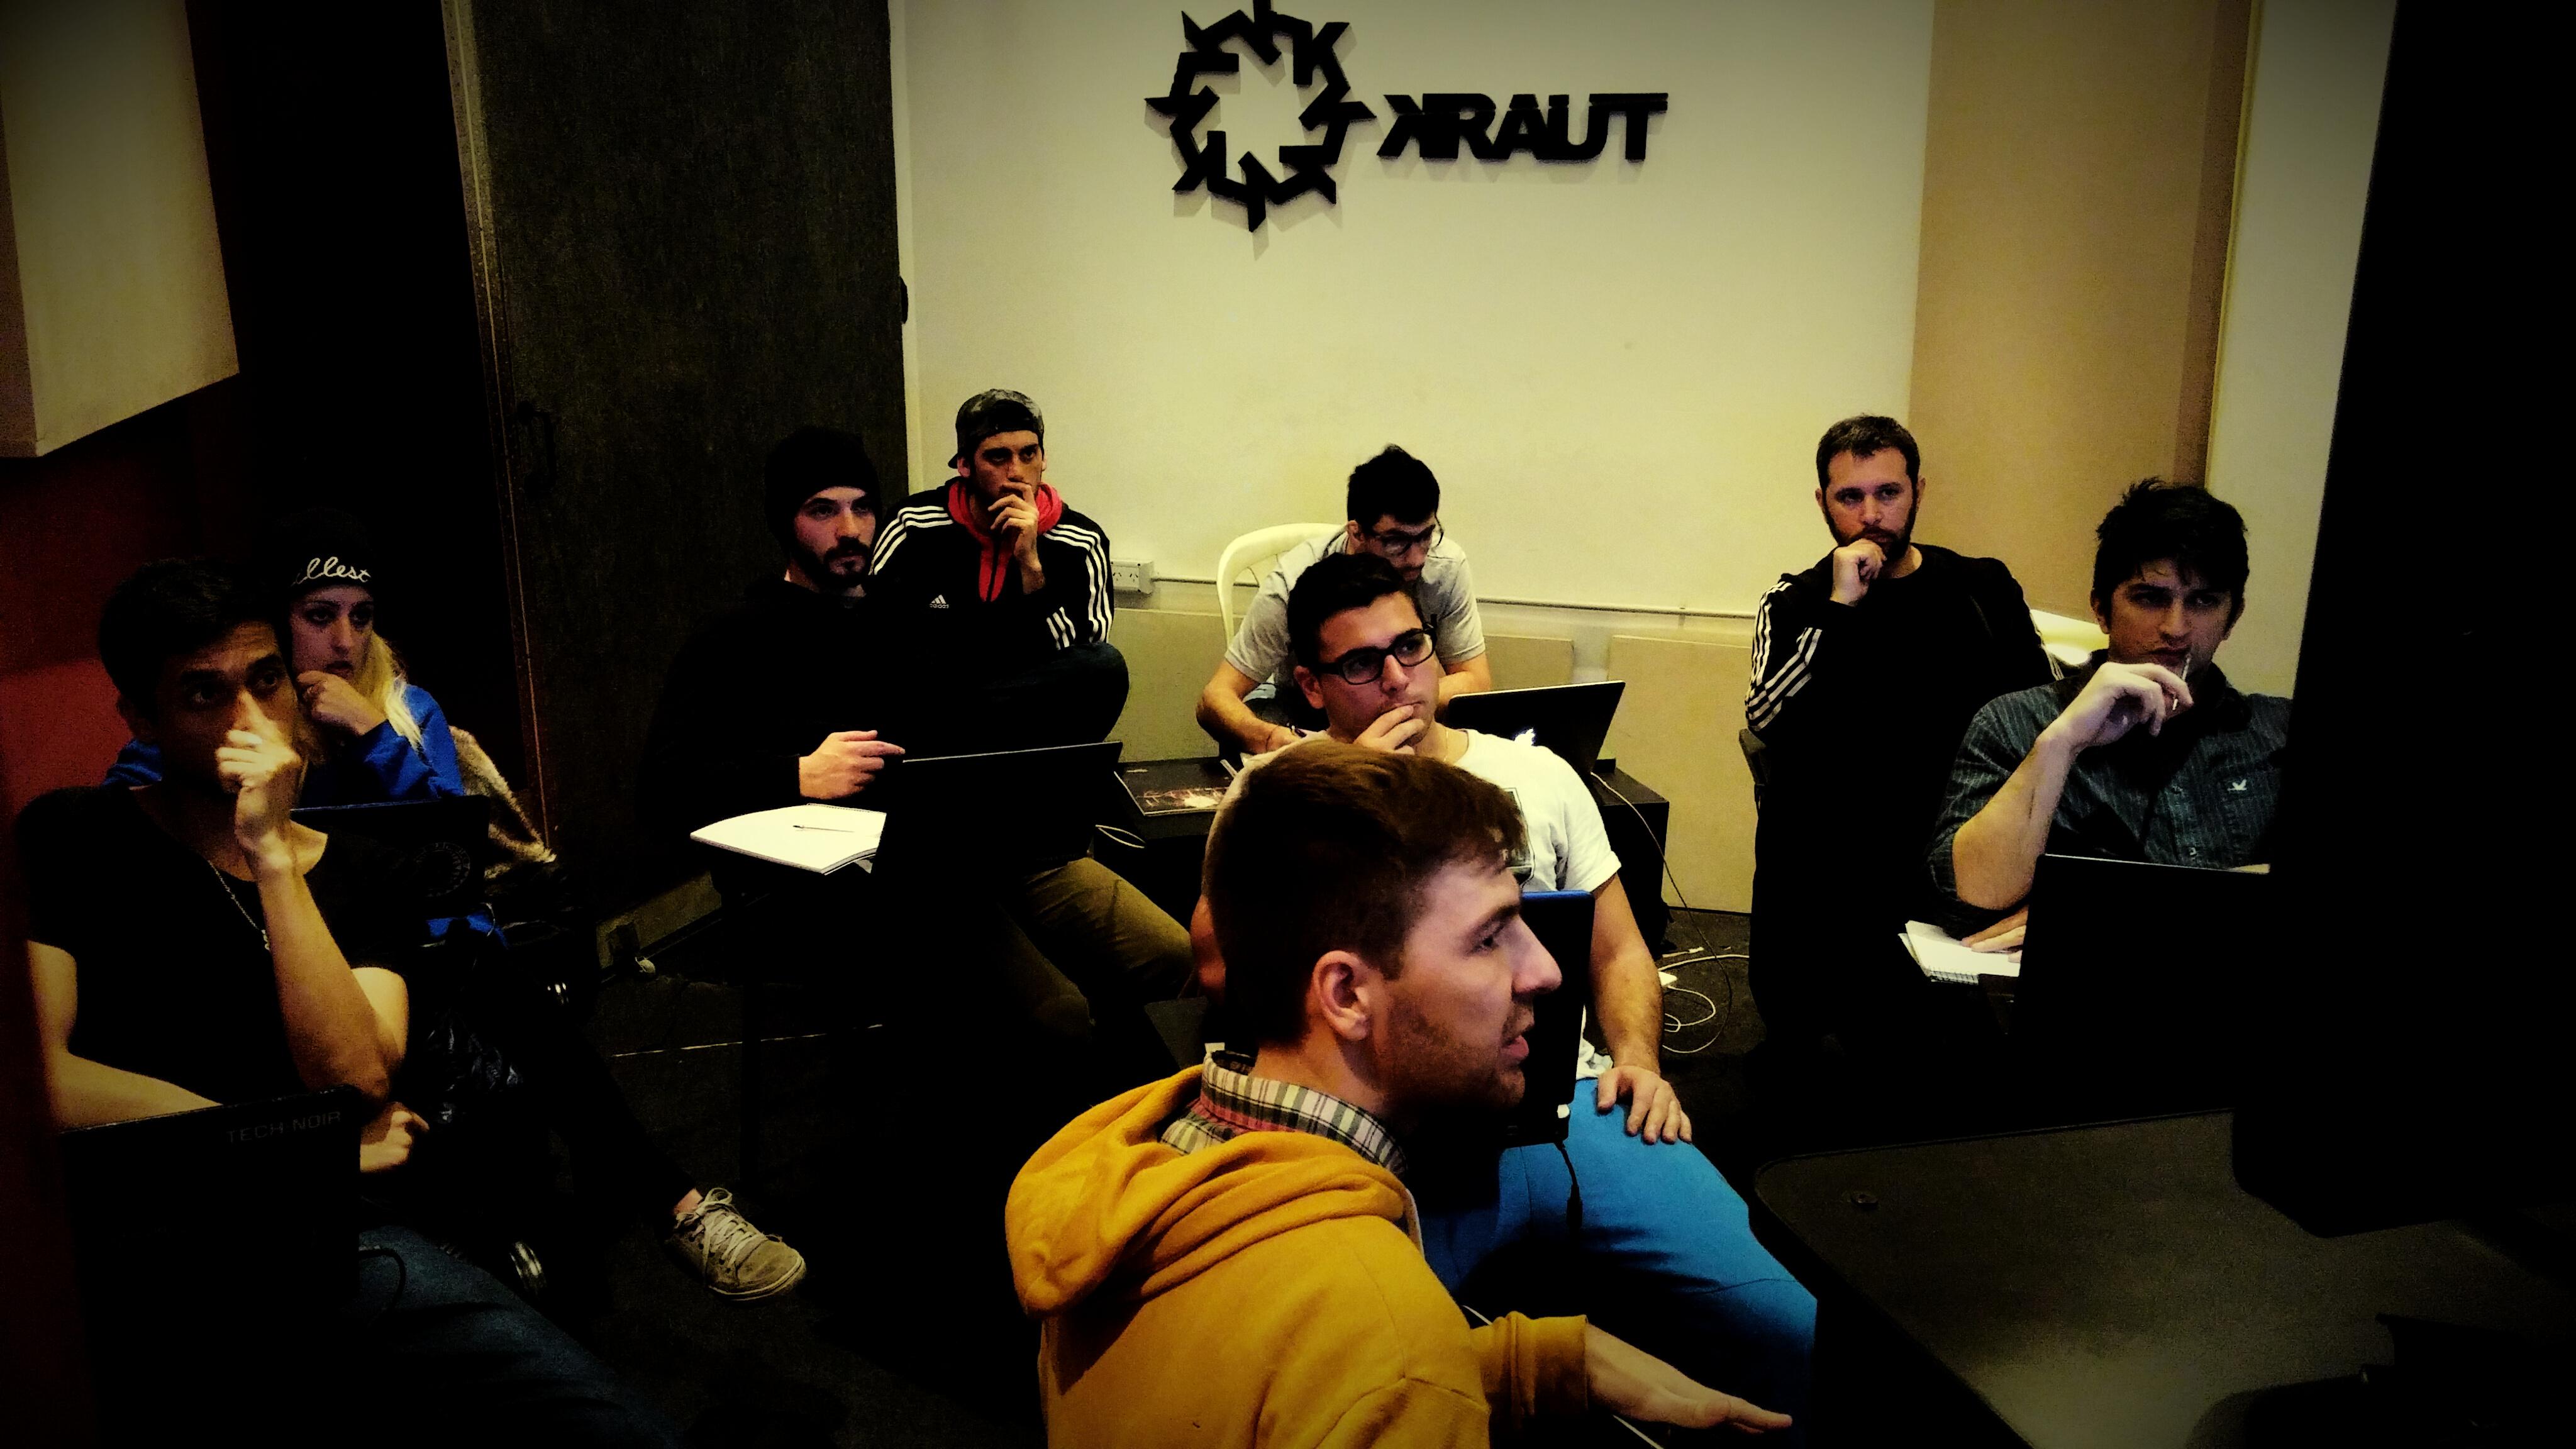 KRAUT | Cursos de sonido